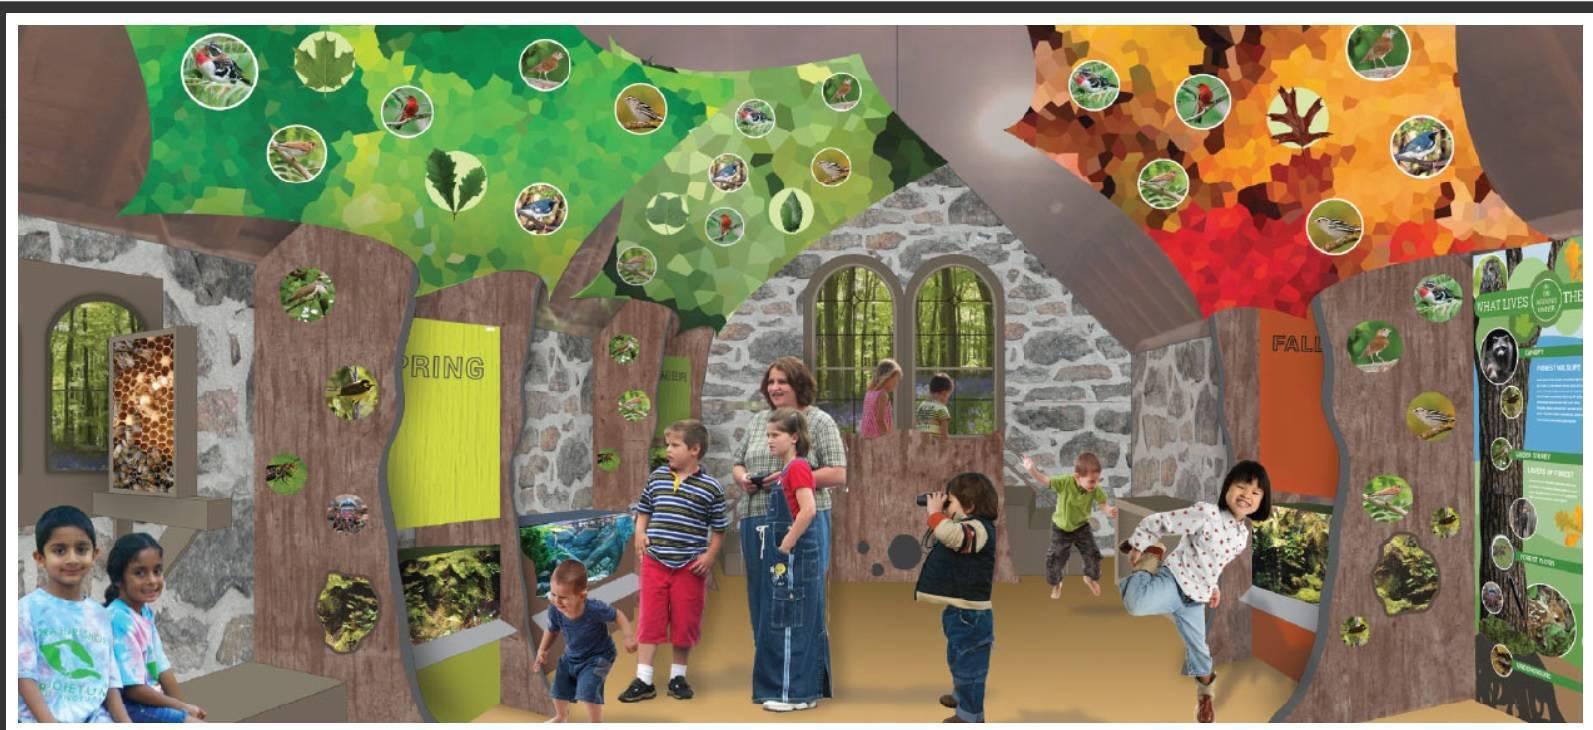 8150fd2b364cbe55b0d2_f12d489151be1ce93cbb_Arboretum_New_Exhibit_Image_Screen_Shot.jpg